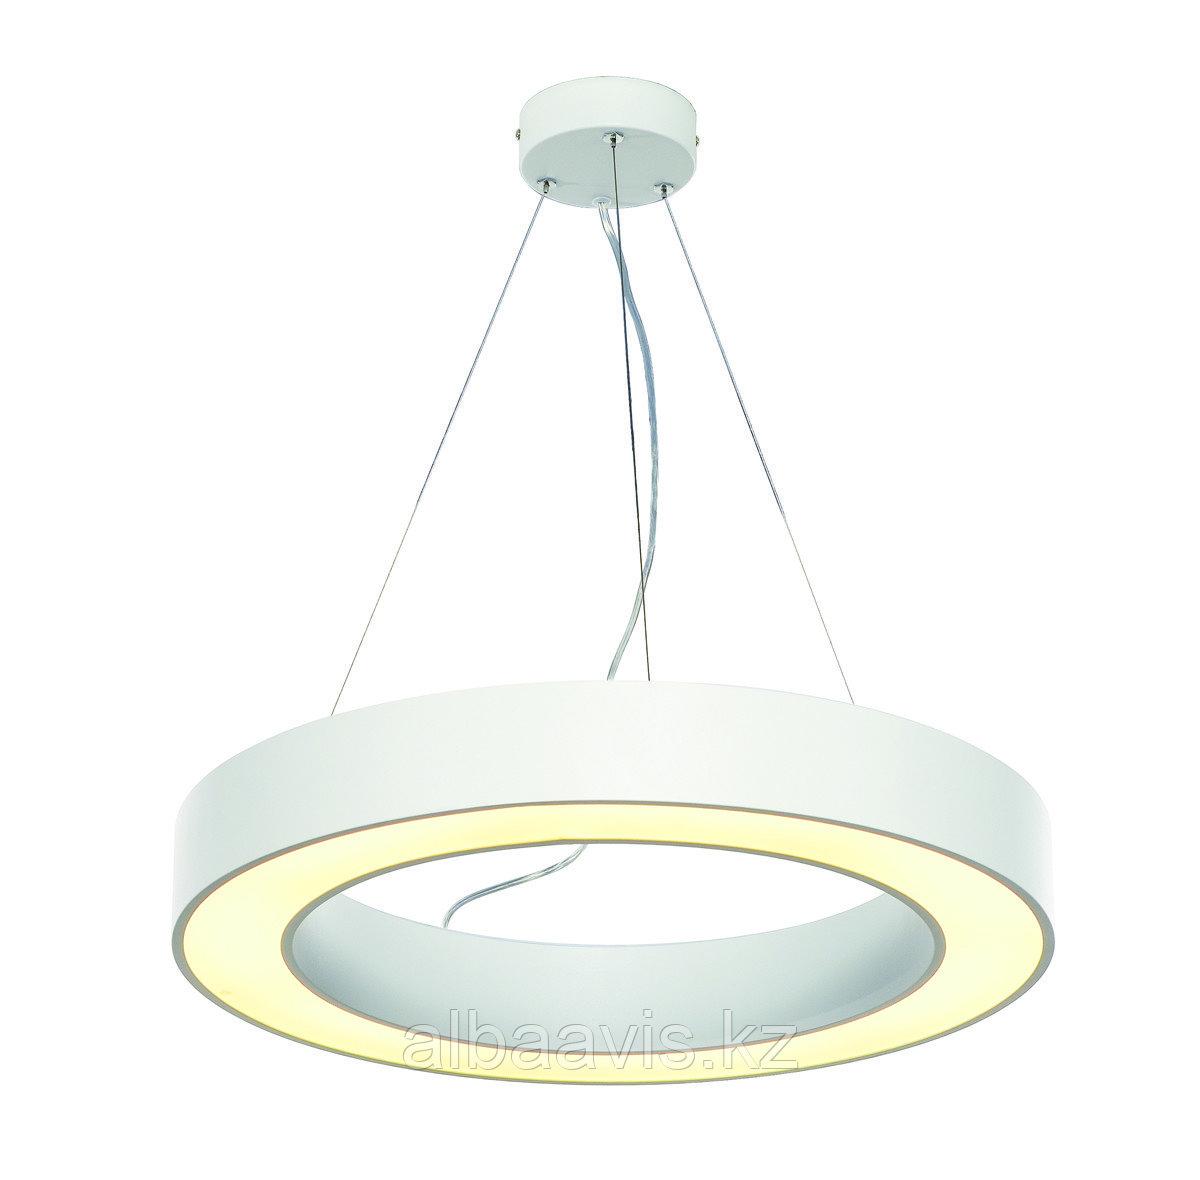 Светильники подвесные в стиле хай-тек 100х80х8см, витражные люстры, люстры в стиле хай-тек, хрустальные люстры